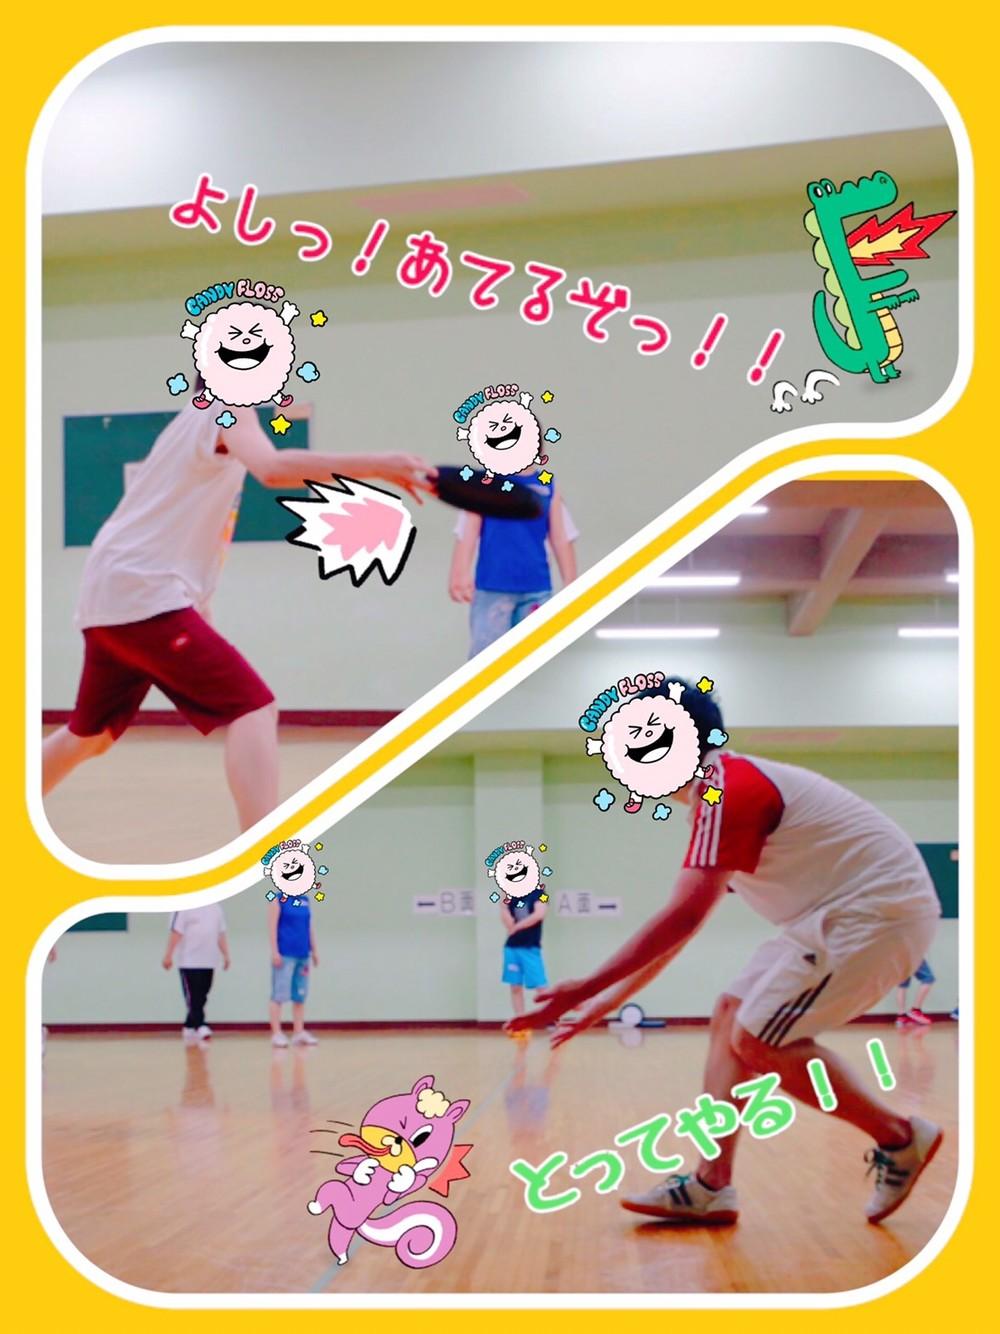 【未経験大歓迎】ドッヂビー!!!…第41回